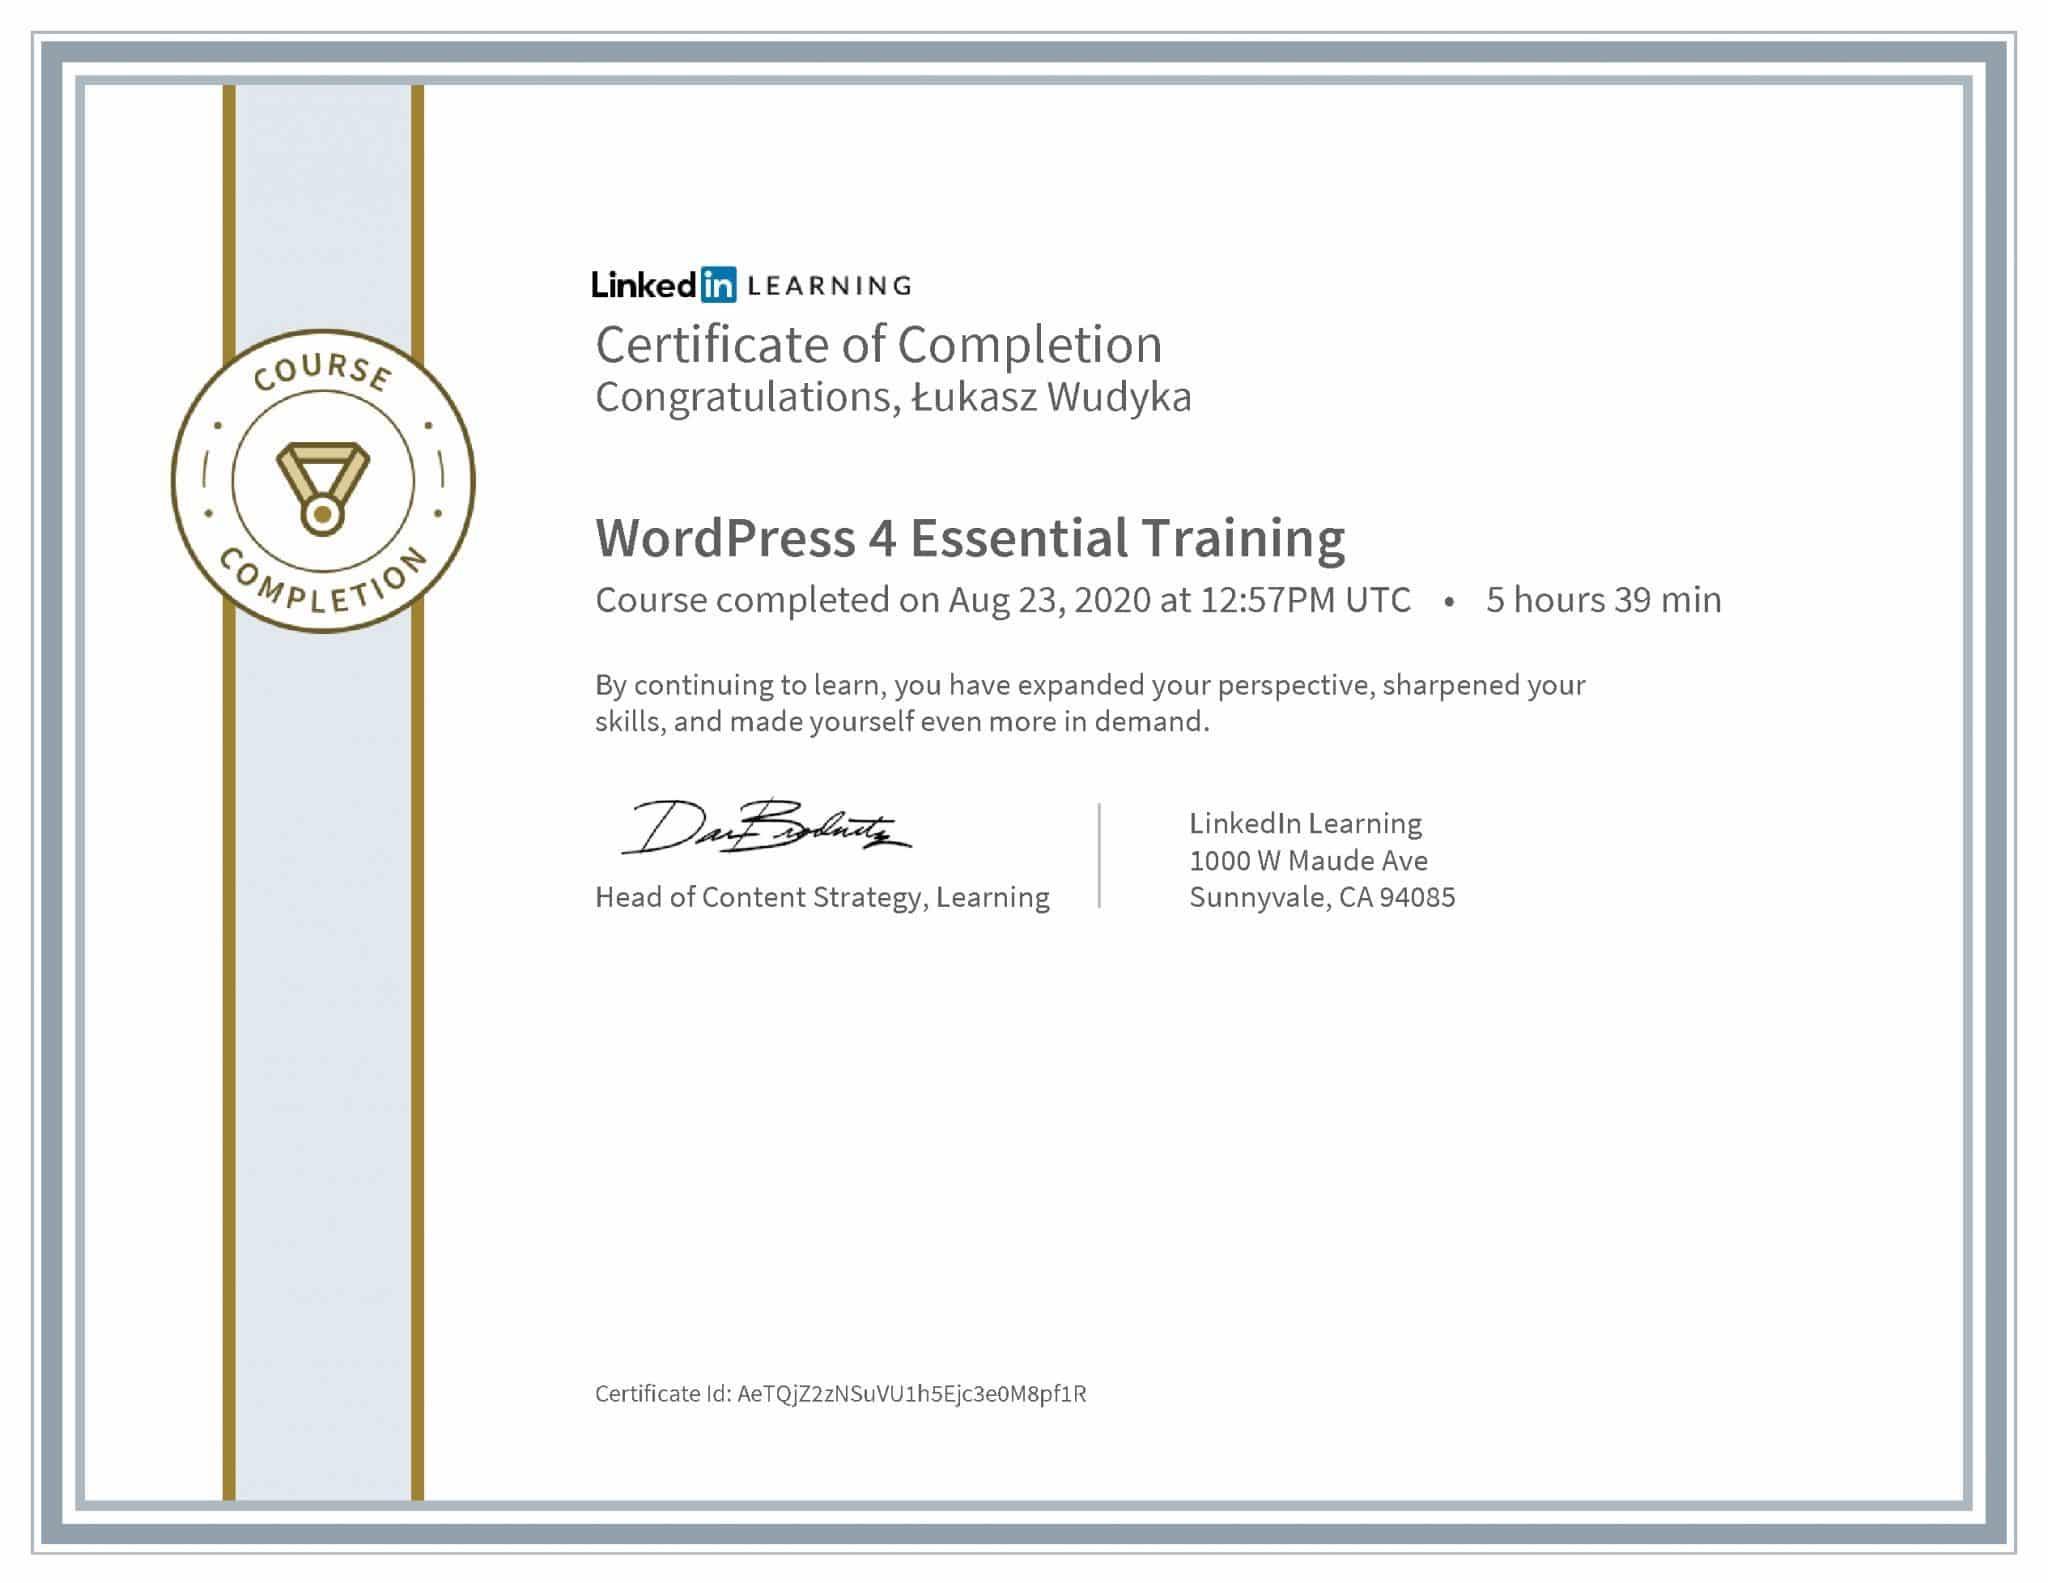 Łukasz Wudyka certyfikat LinkedIn WordPress 4 Essential Training